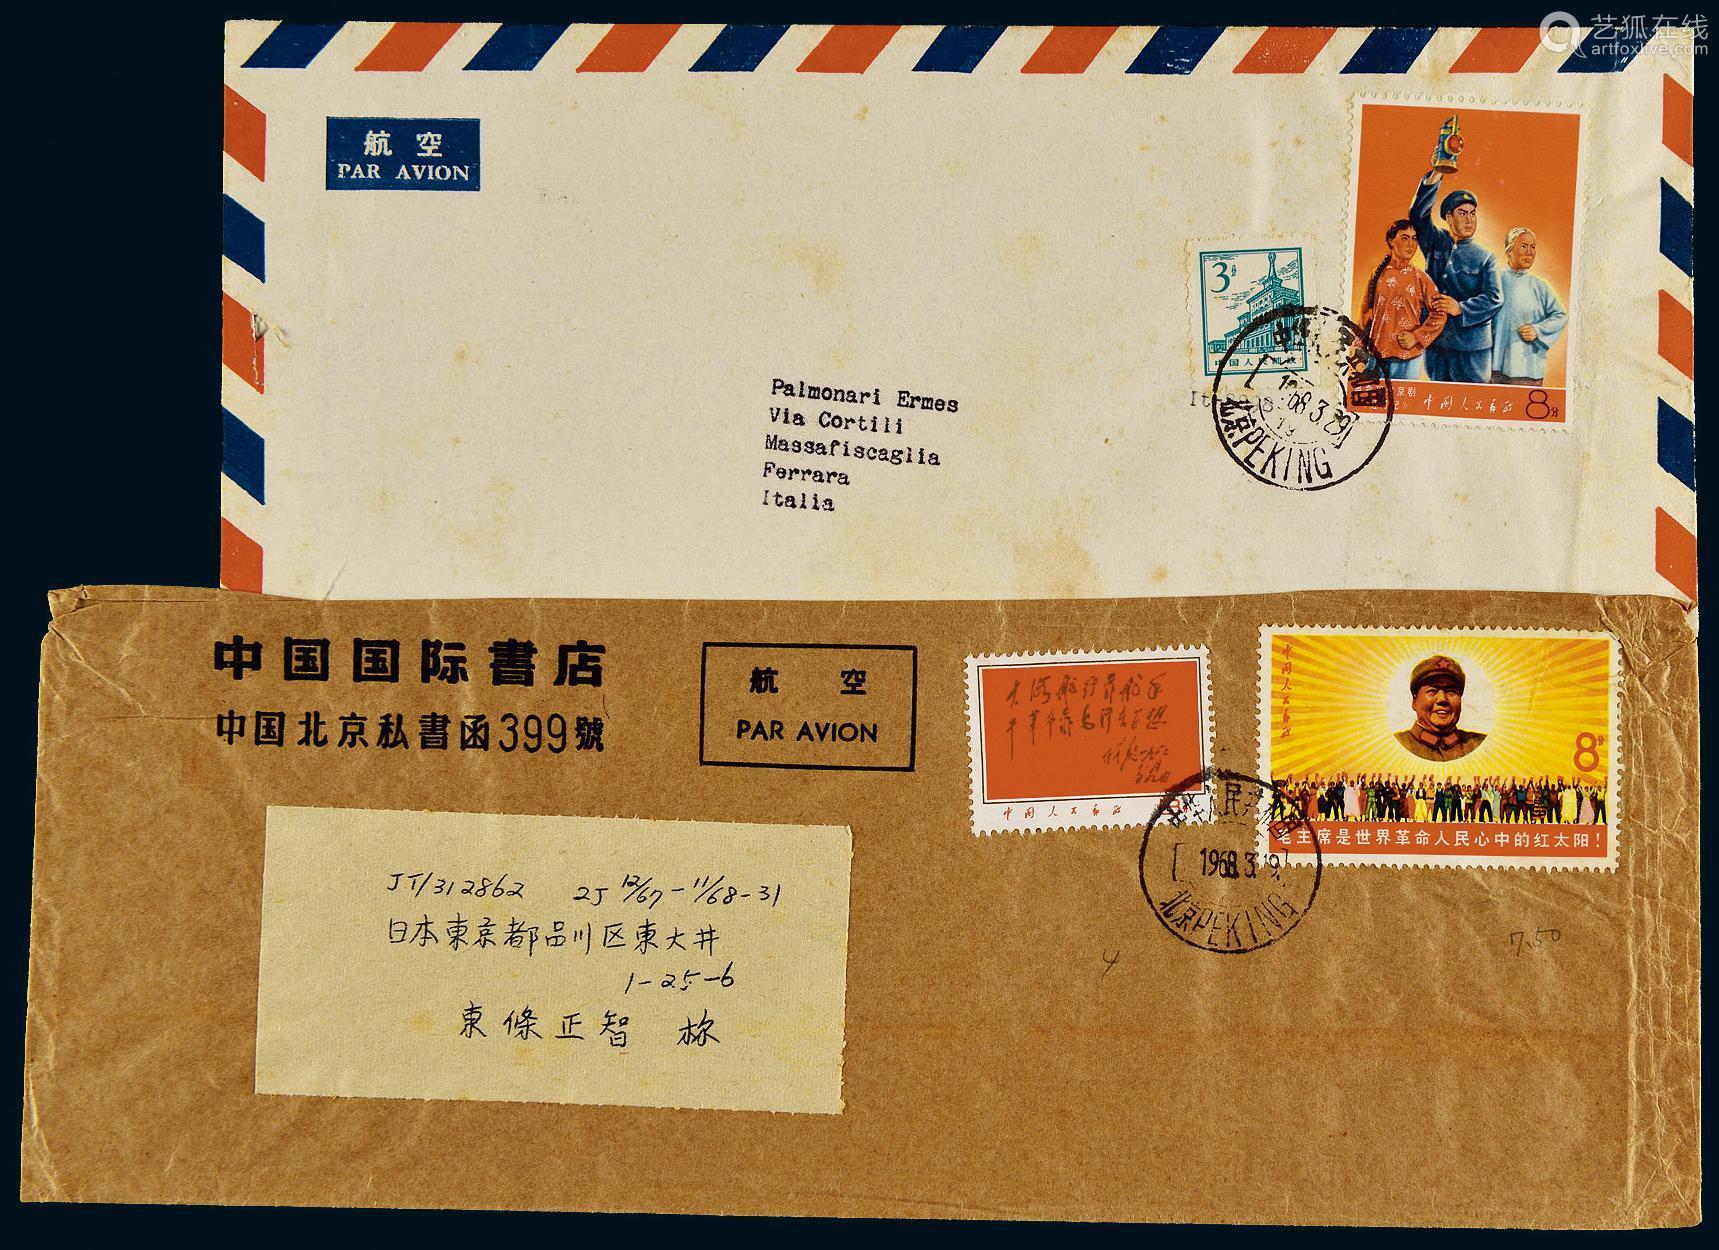 1968年文革邮票实寄封两件:北京寄日本航空封